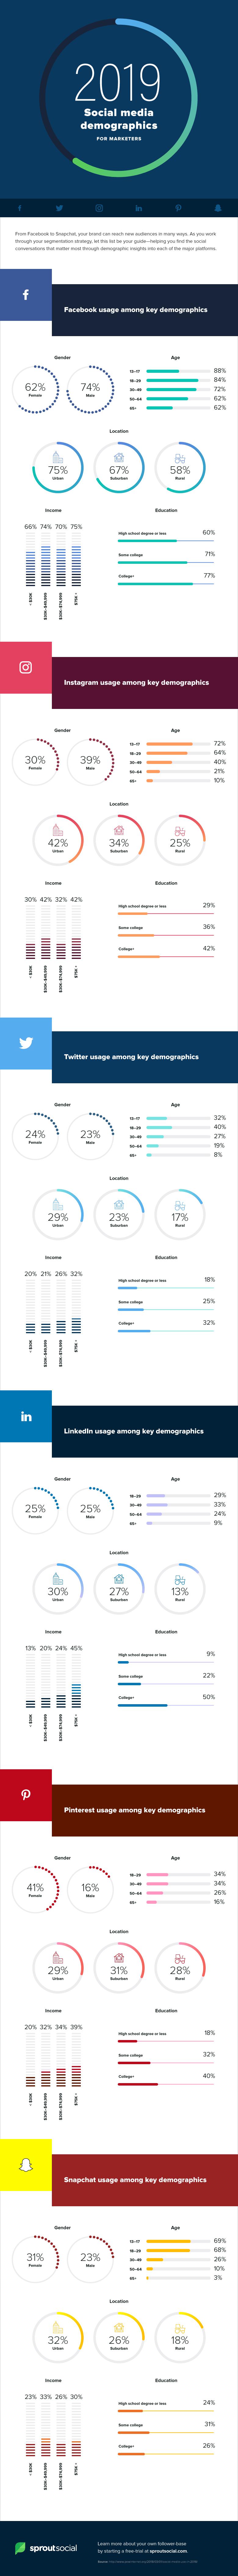 social media demographics 2019